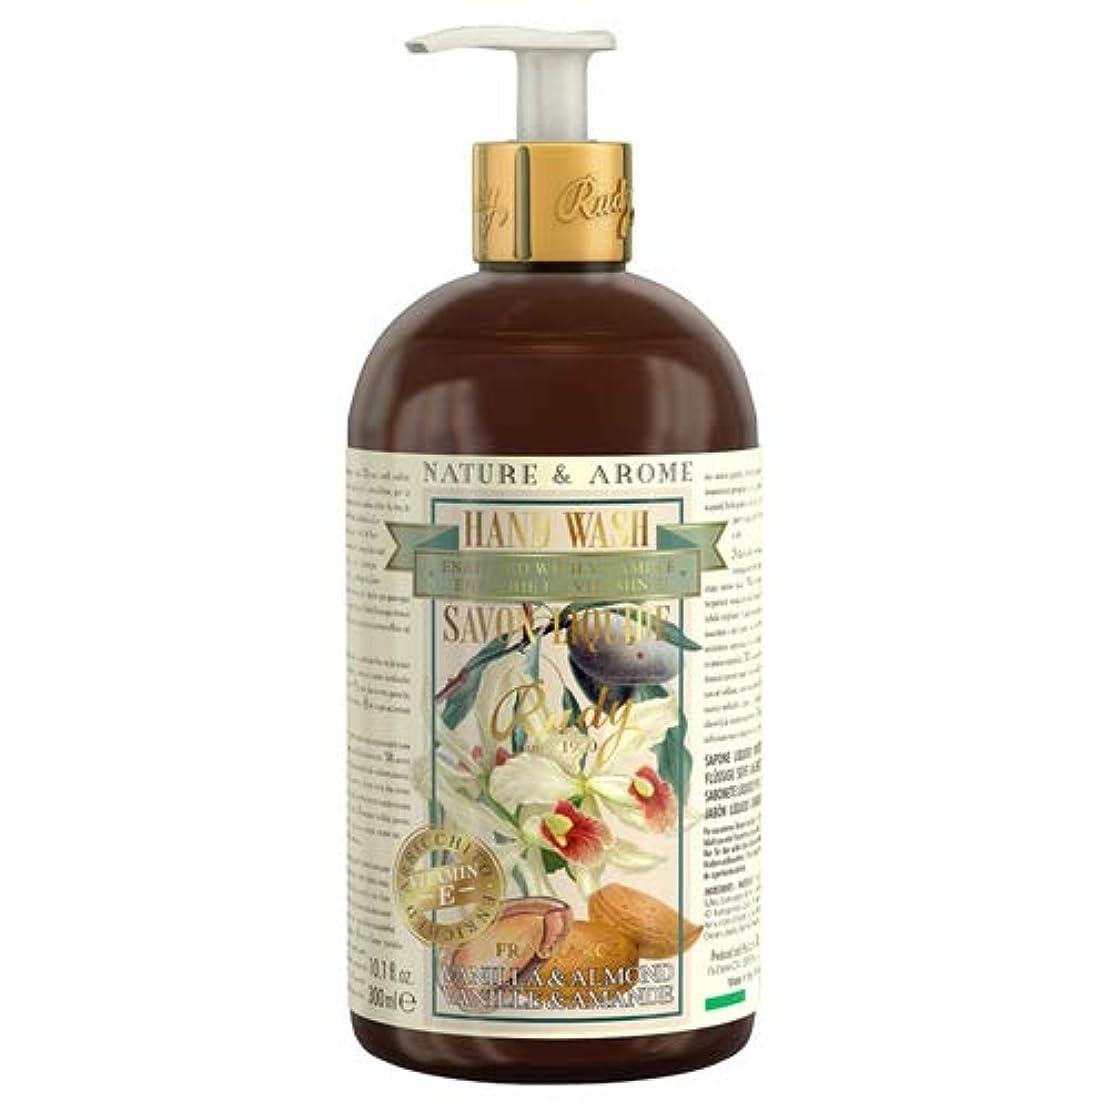 北方ジェスチャー無駄ルディ(Rudy) RUDY Nature&Arome Apothecary ネイチャーアロマ アポセカリー Hand Wash ハンドウォッシュ(ボディソープ) Vanilla & Almond バニラ&アーモンド